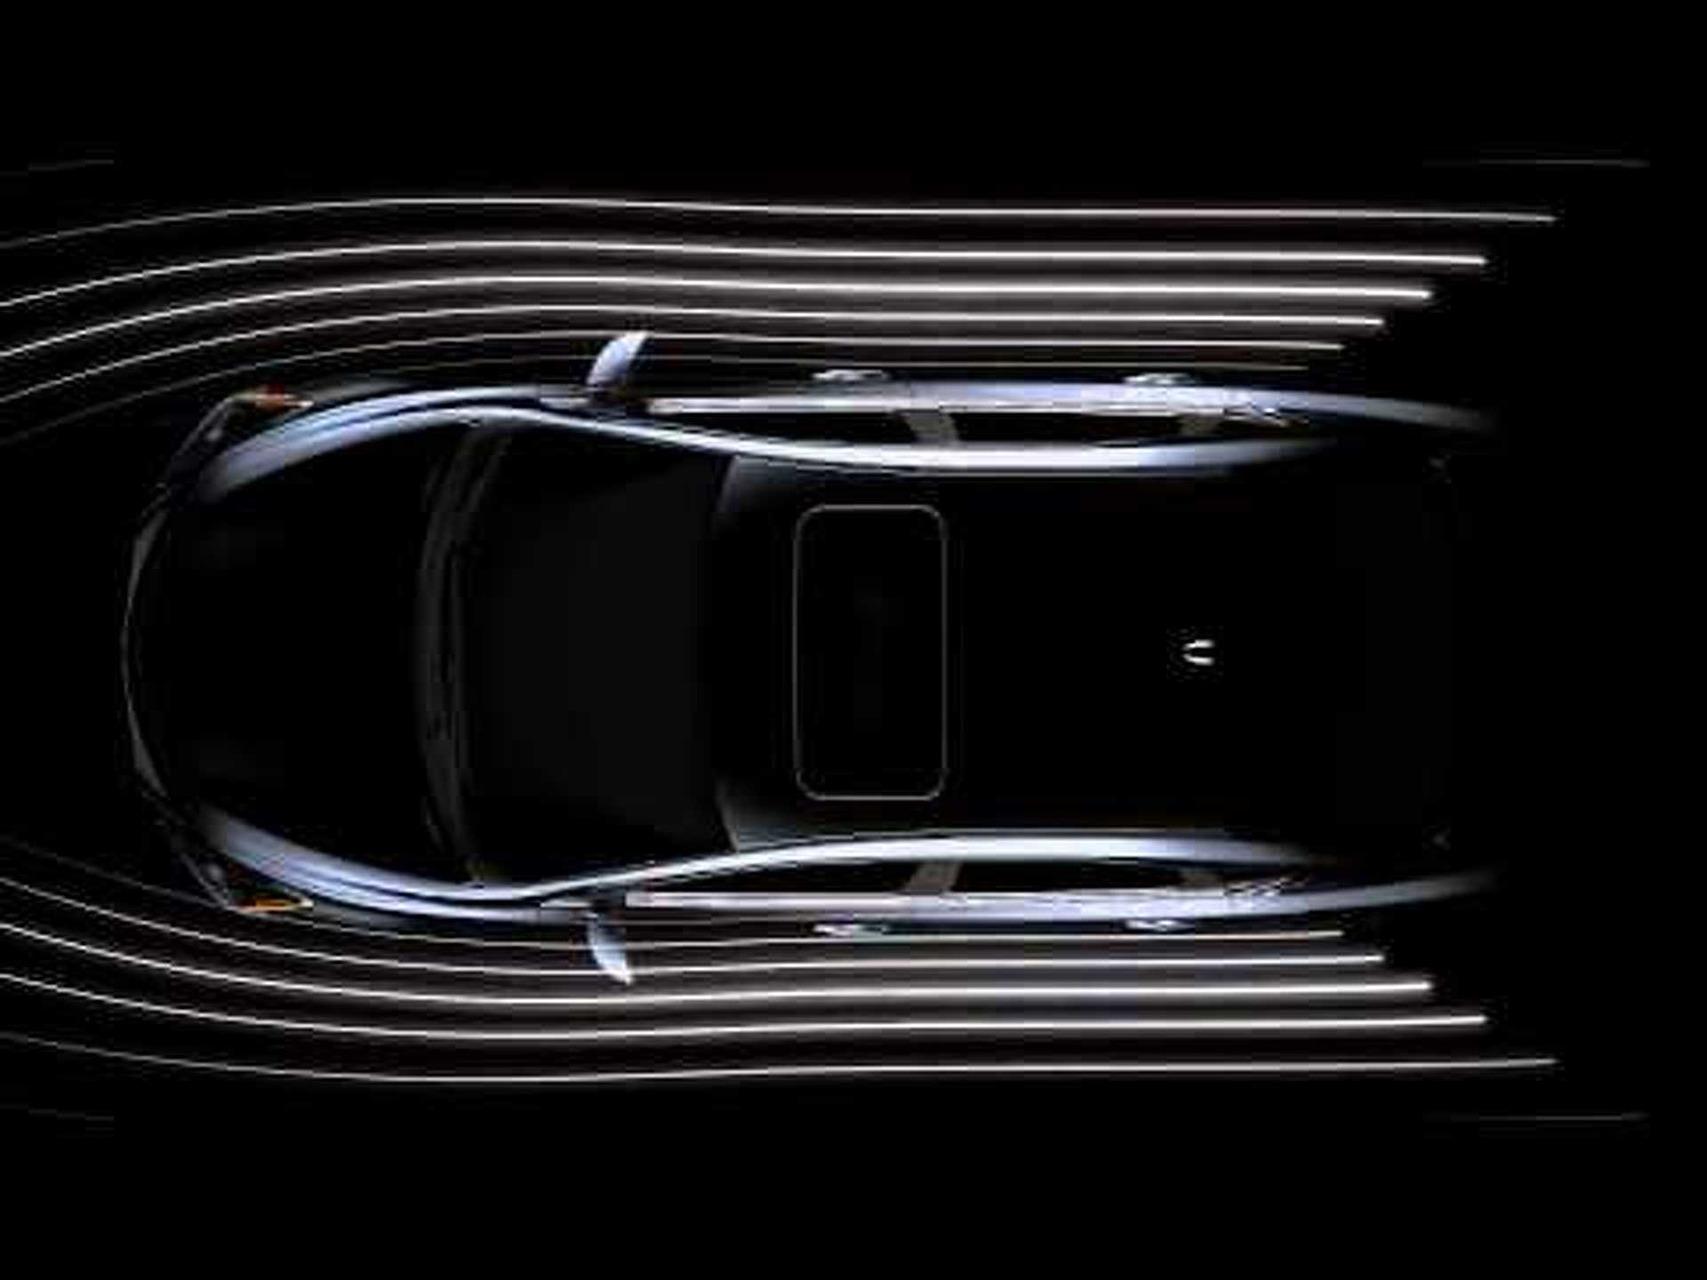 2013 Nissan Altima Teaser